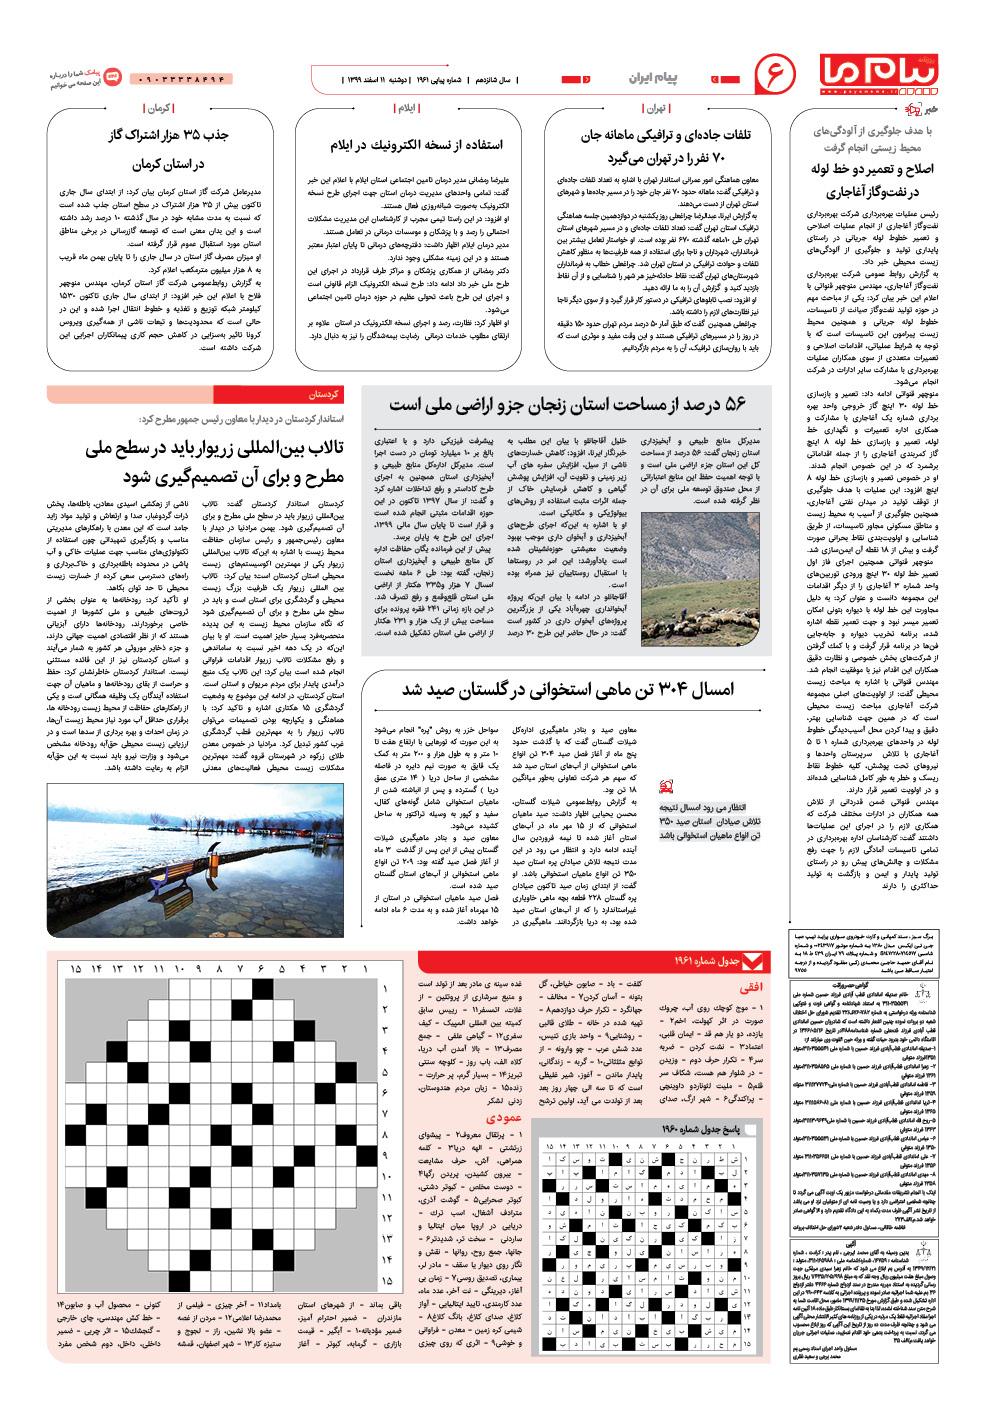 صفحه پیام ایران شماره ۱۹۶۱ روزنامه پیام ما